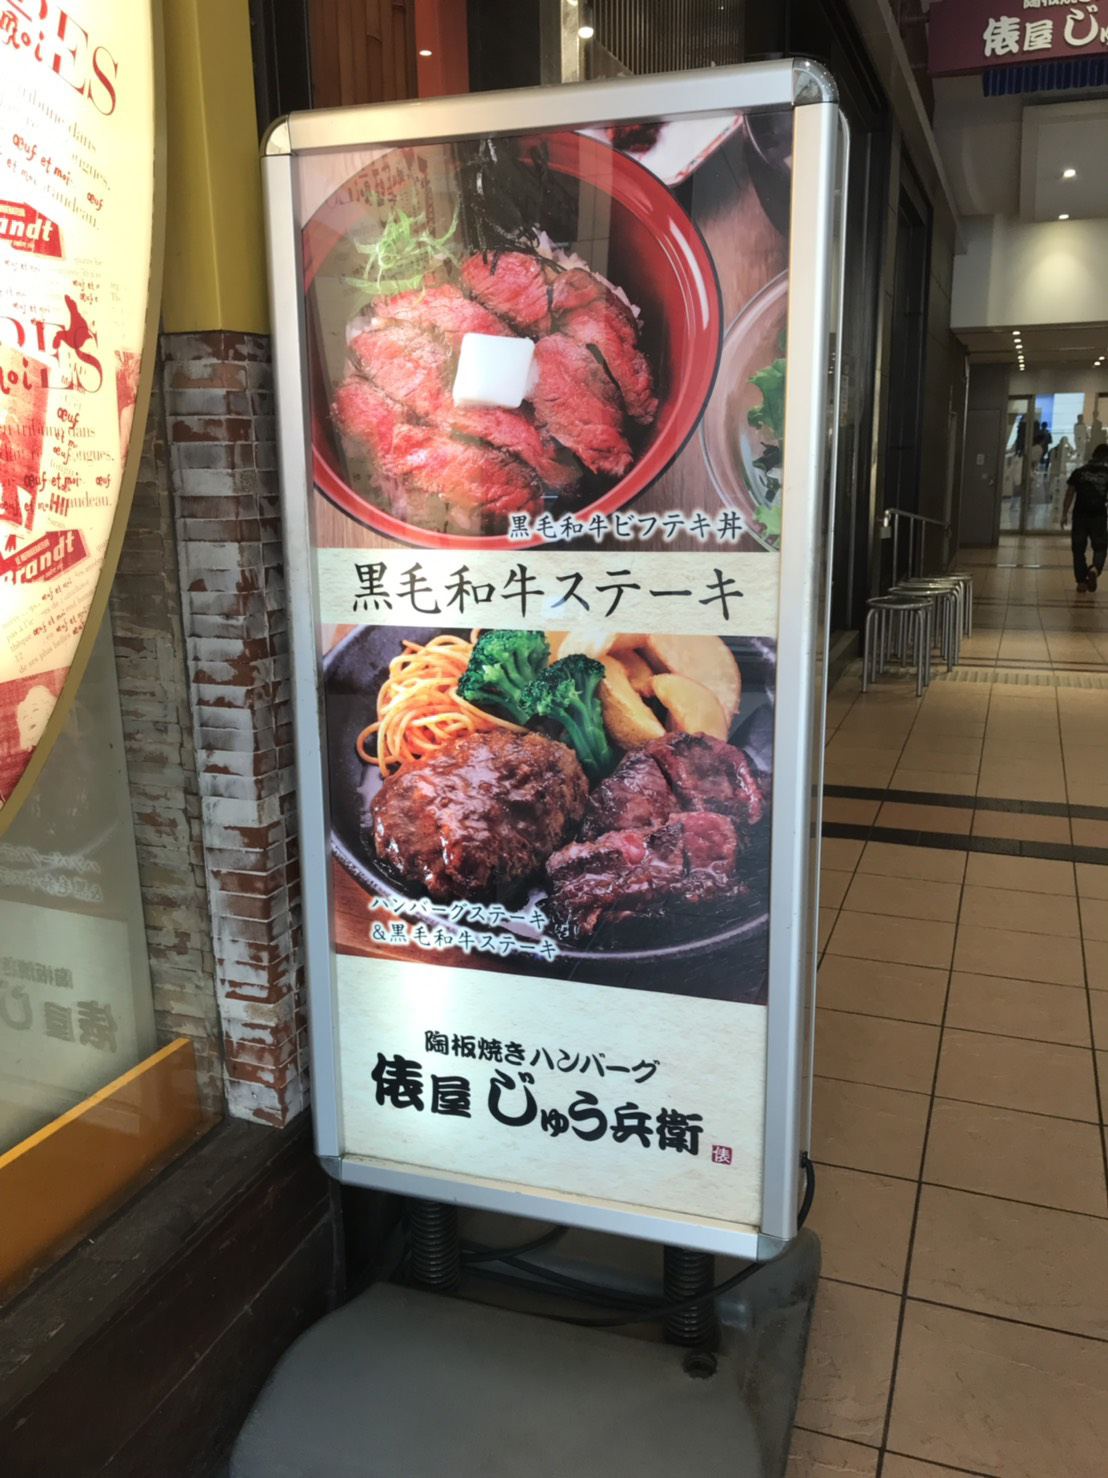 店舗入口の看板の写真